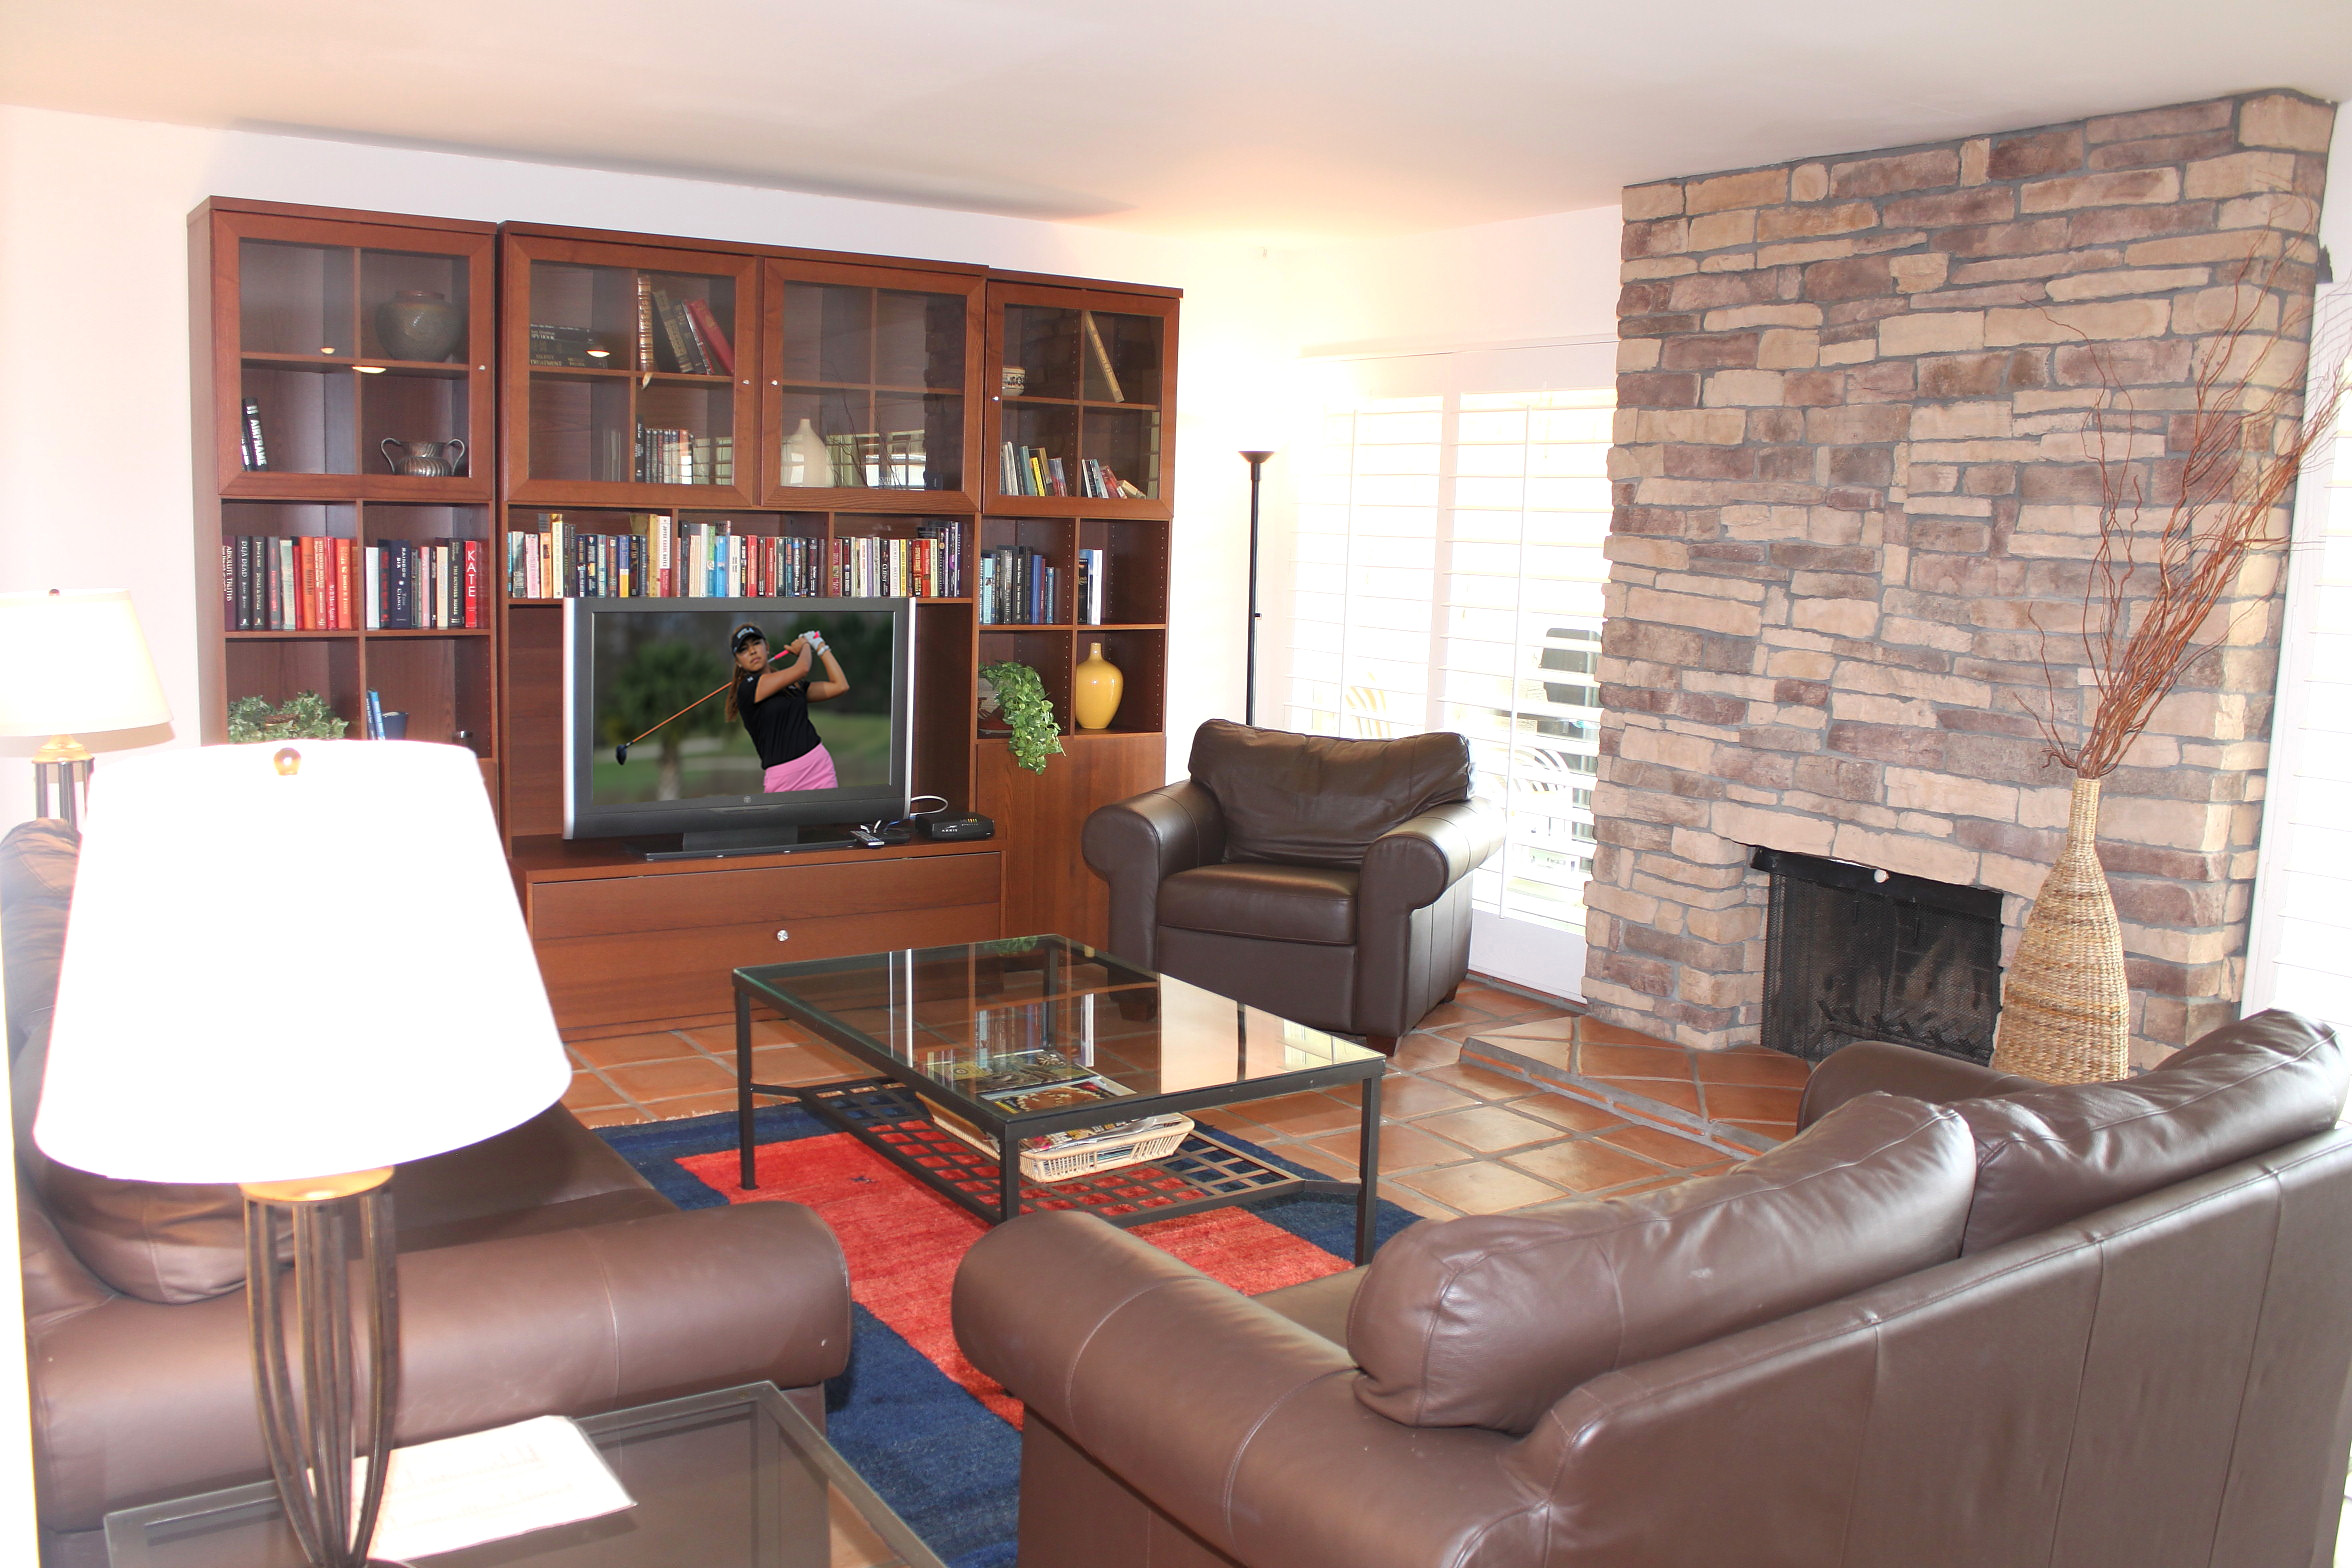 Borrego Springs CA Vacation Rental The spacious living